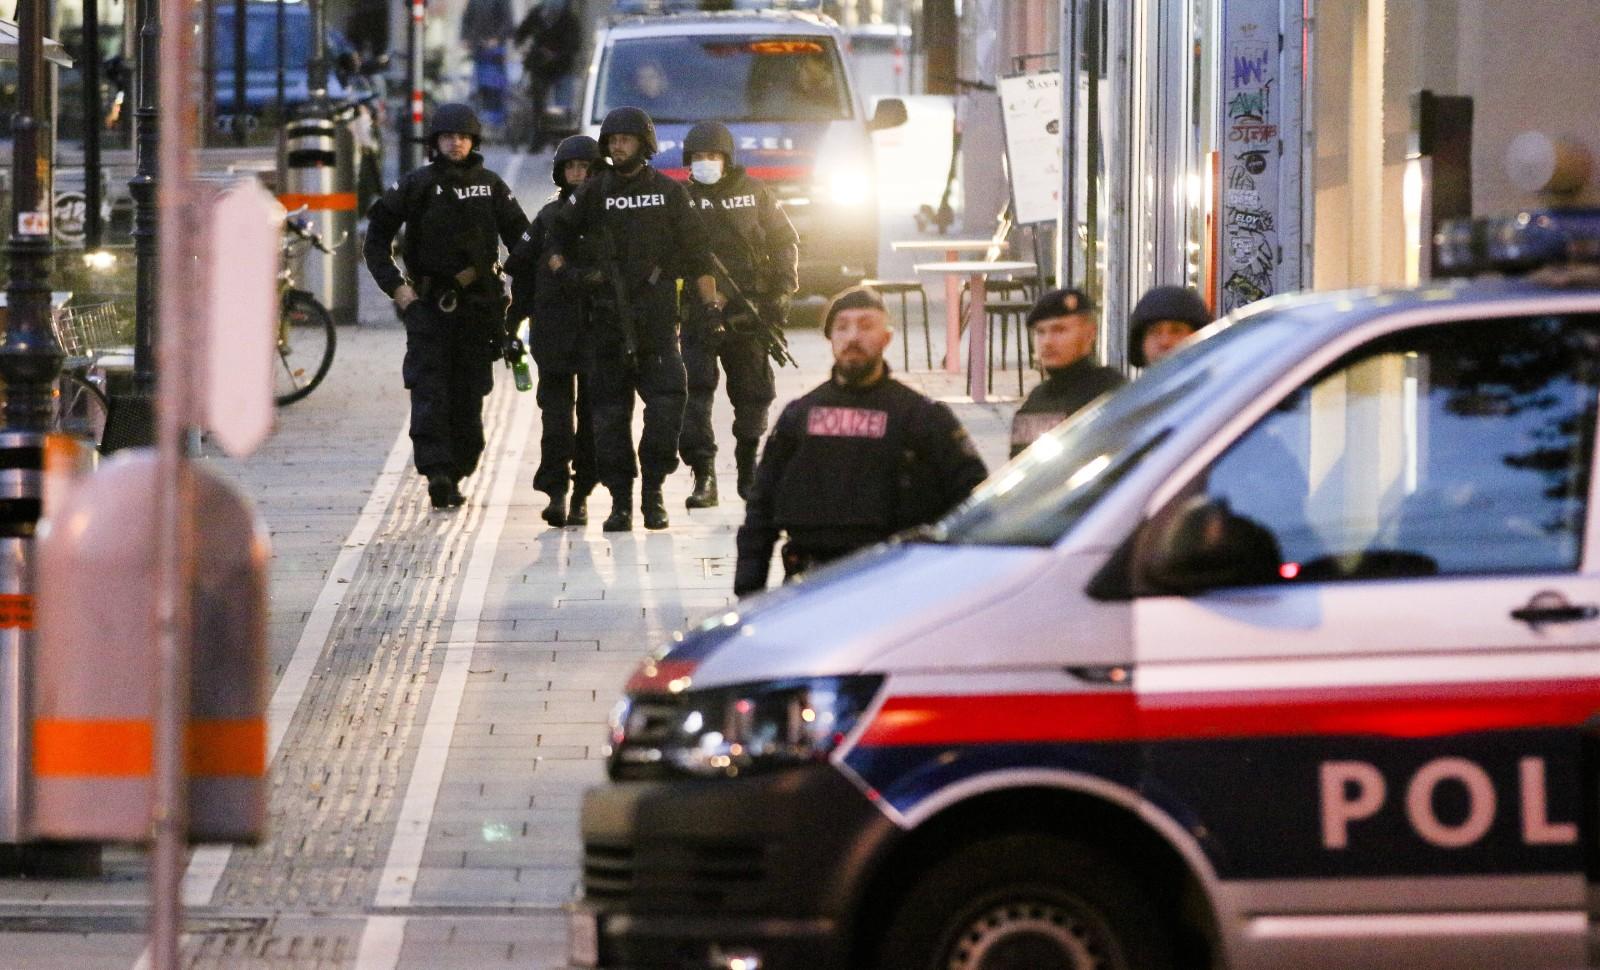 La police déployée dans Vienne au matin du 3 novembre 2020 © Ronald Zak/AP/SIPA Numéro de reportage : AP22509494_000011.